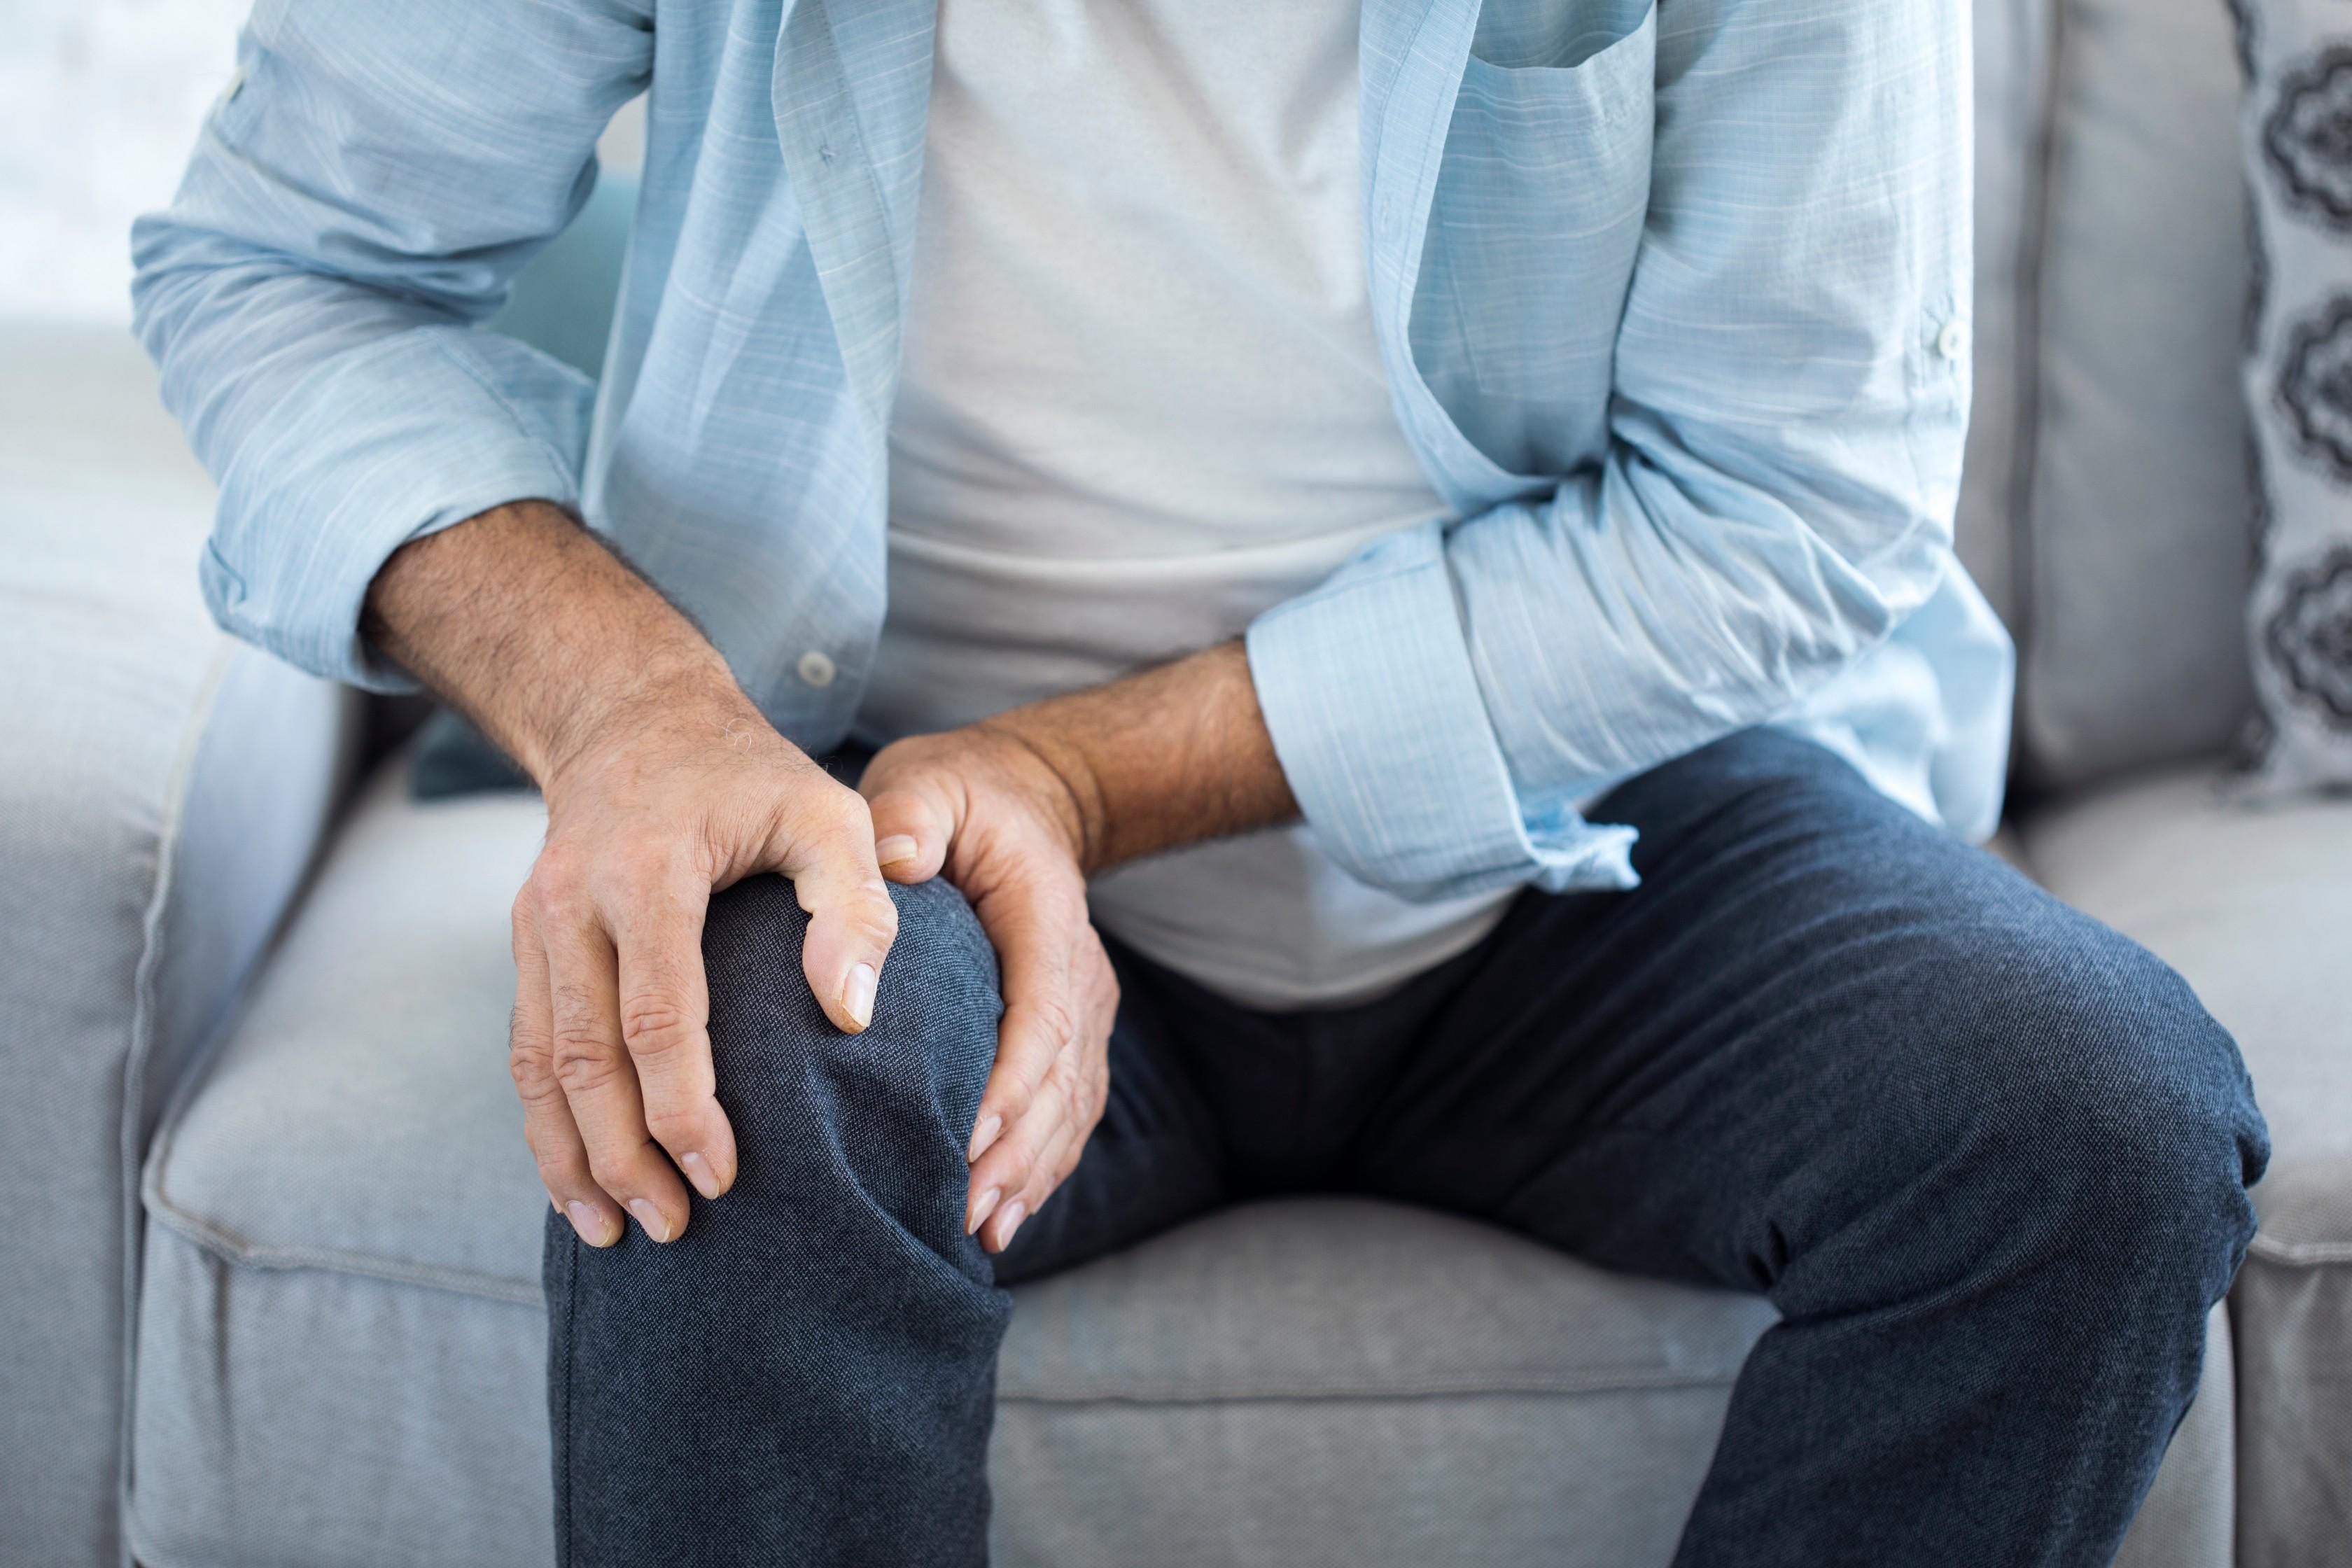 ízületi fájdalom a kezelés után hogyan lehet eltávolítani a ropogást és az ízületi fájdalmakat